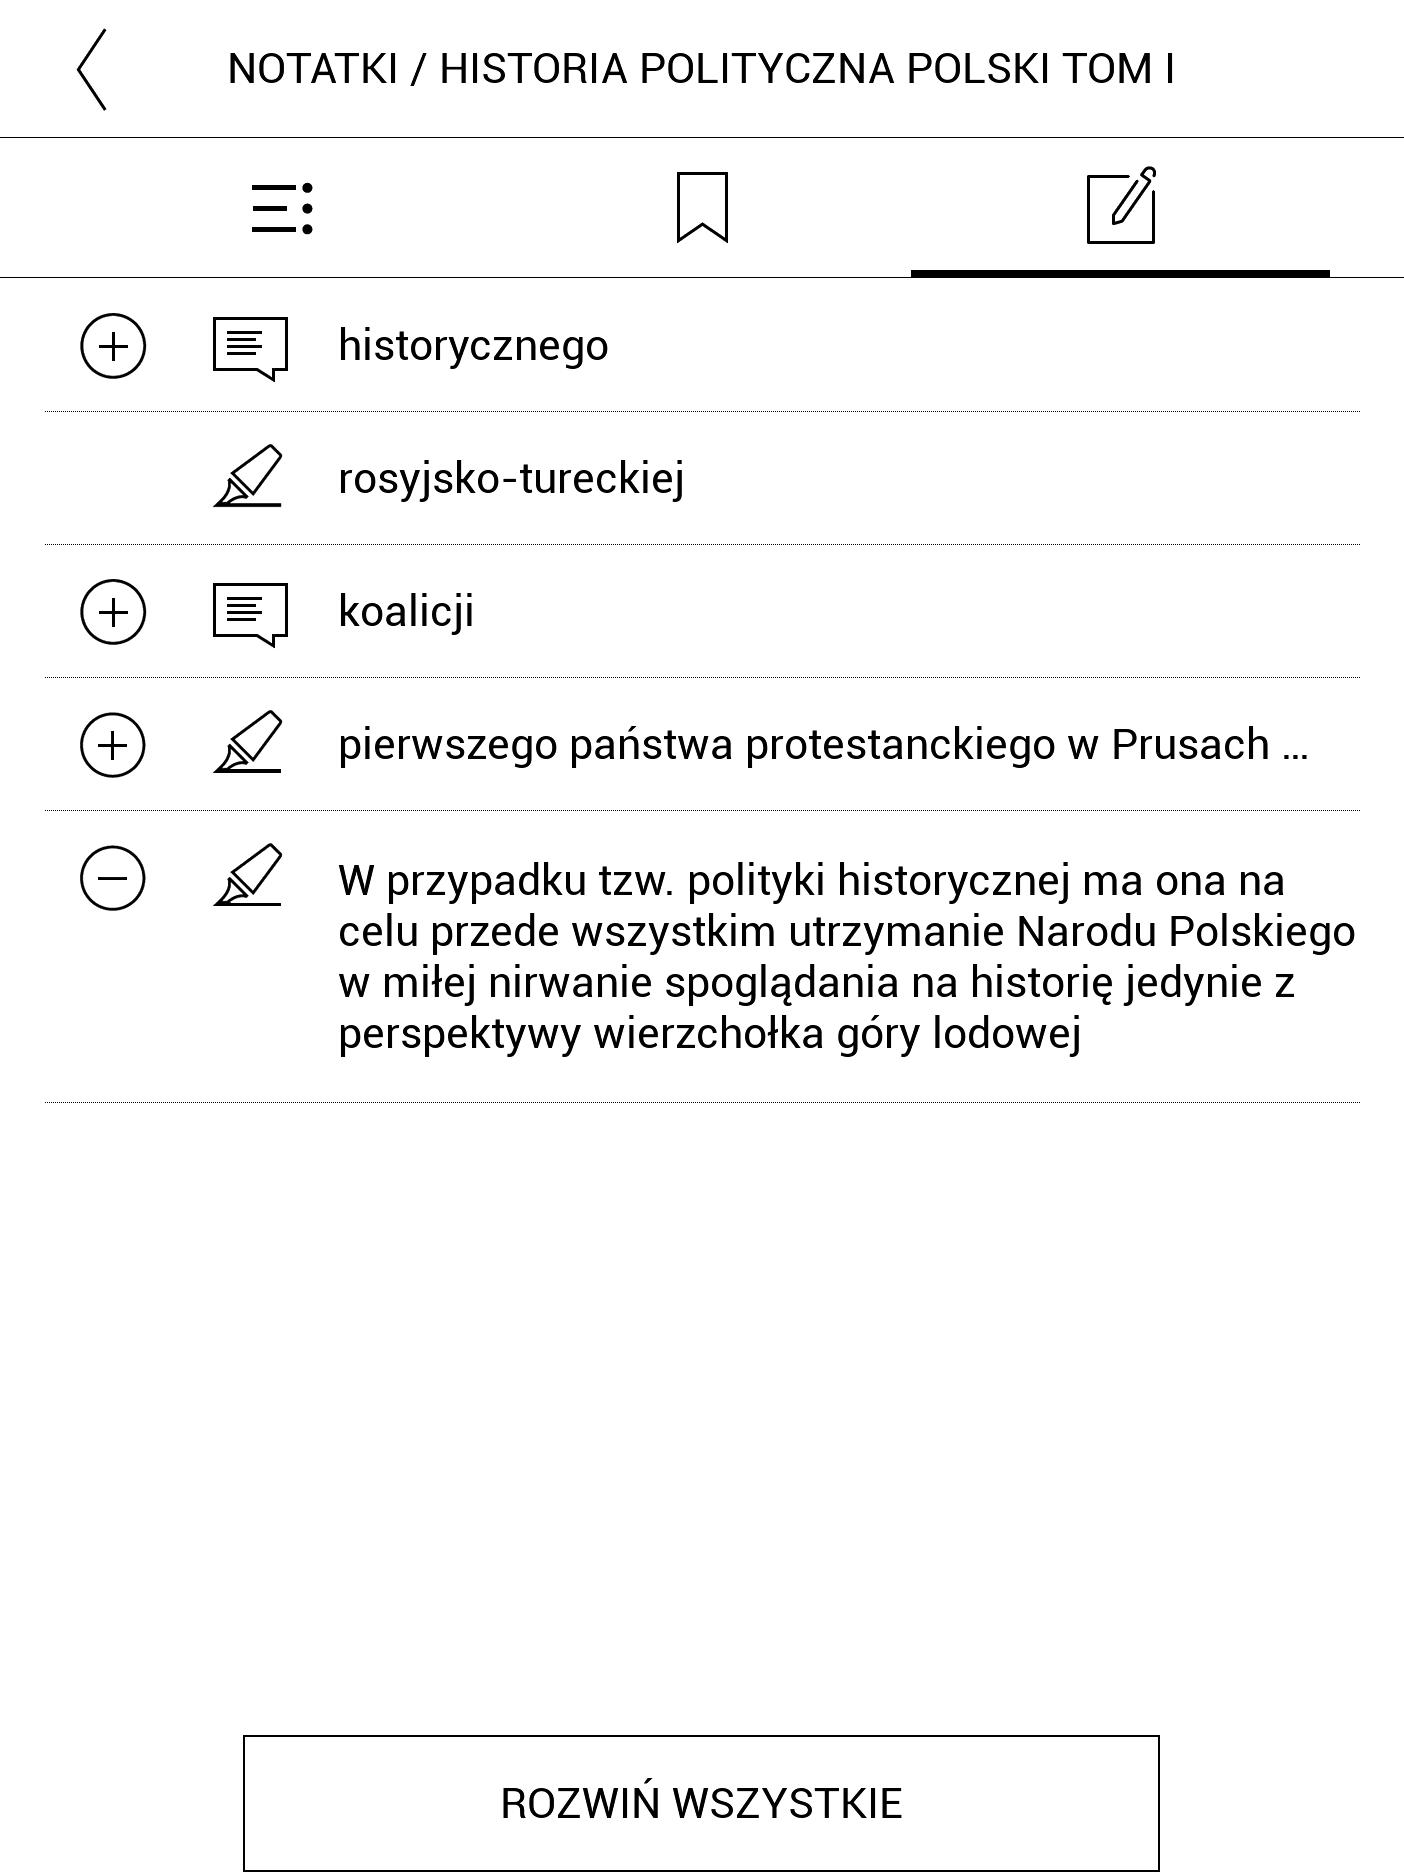 Przeglądanie podkreślonych fragmentów w spisie treści